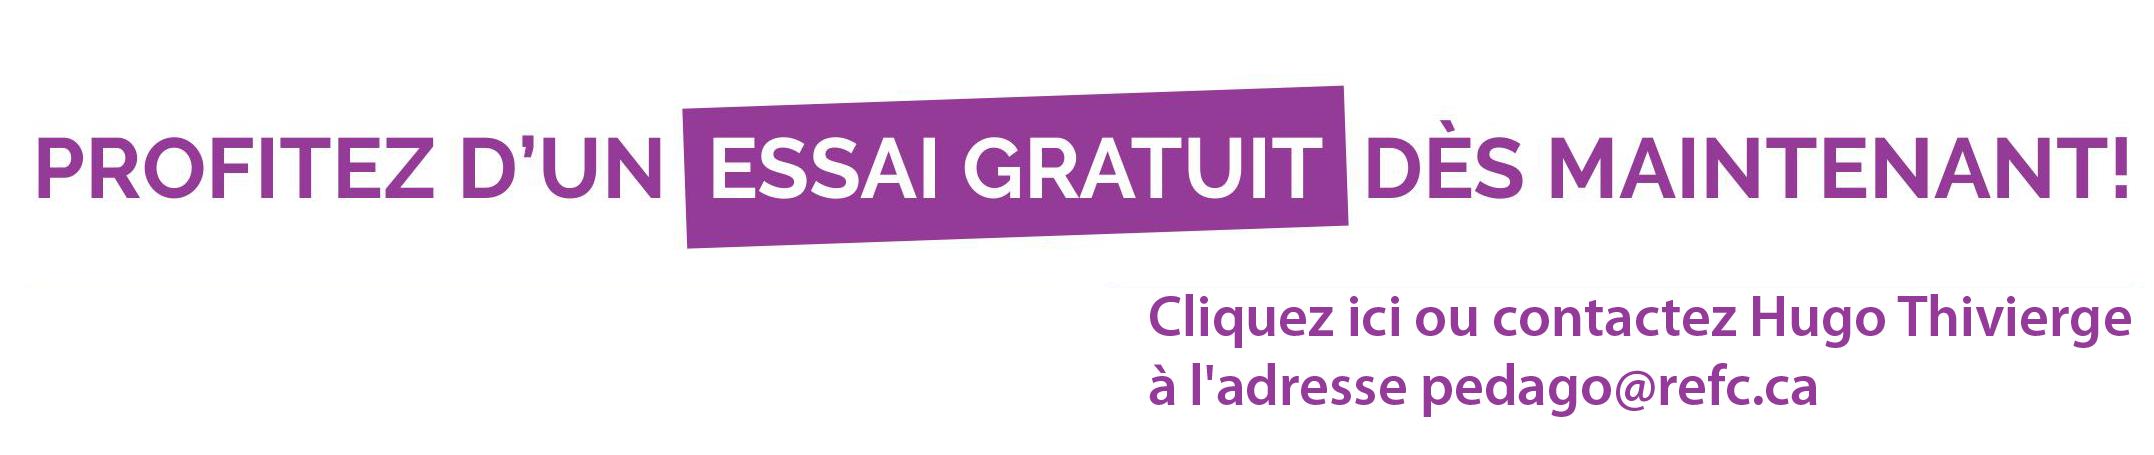 FrancoBiblio - Essai gratuit